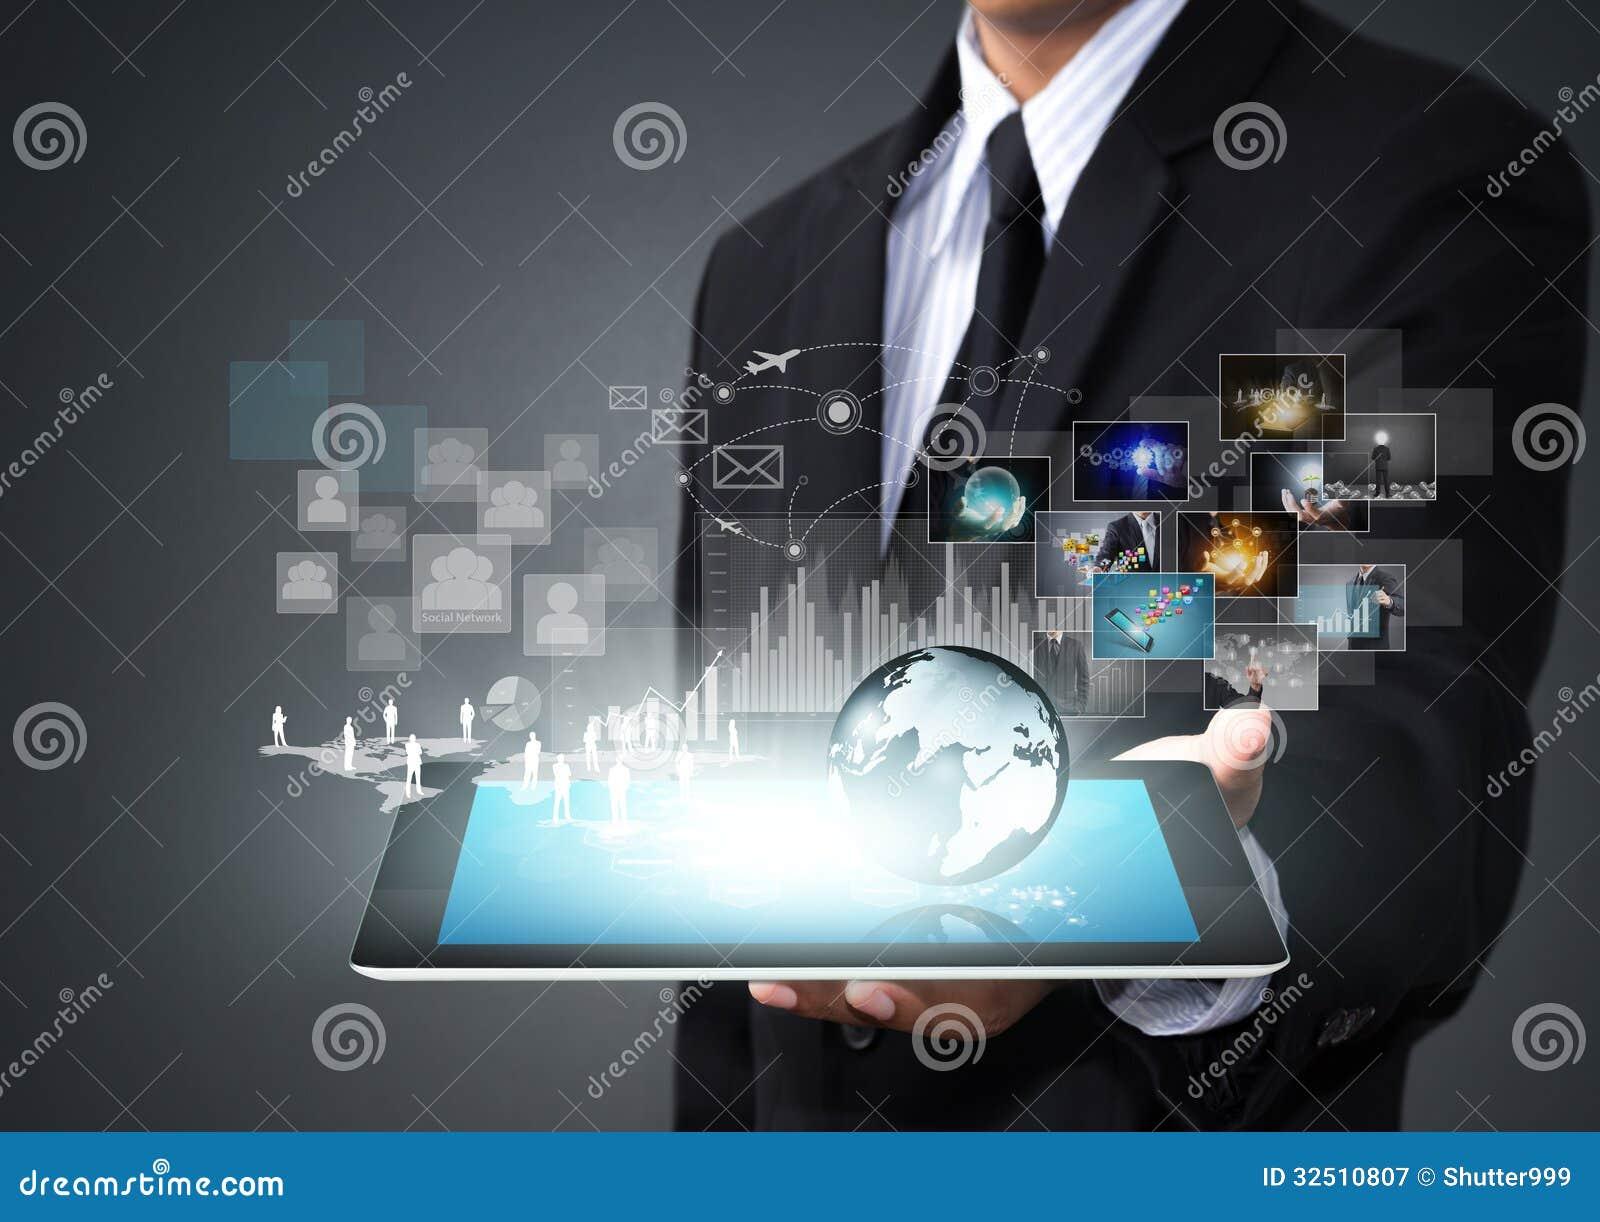 Touch Screen Tablette mit neuer Technologie